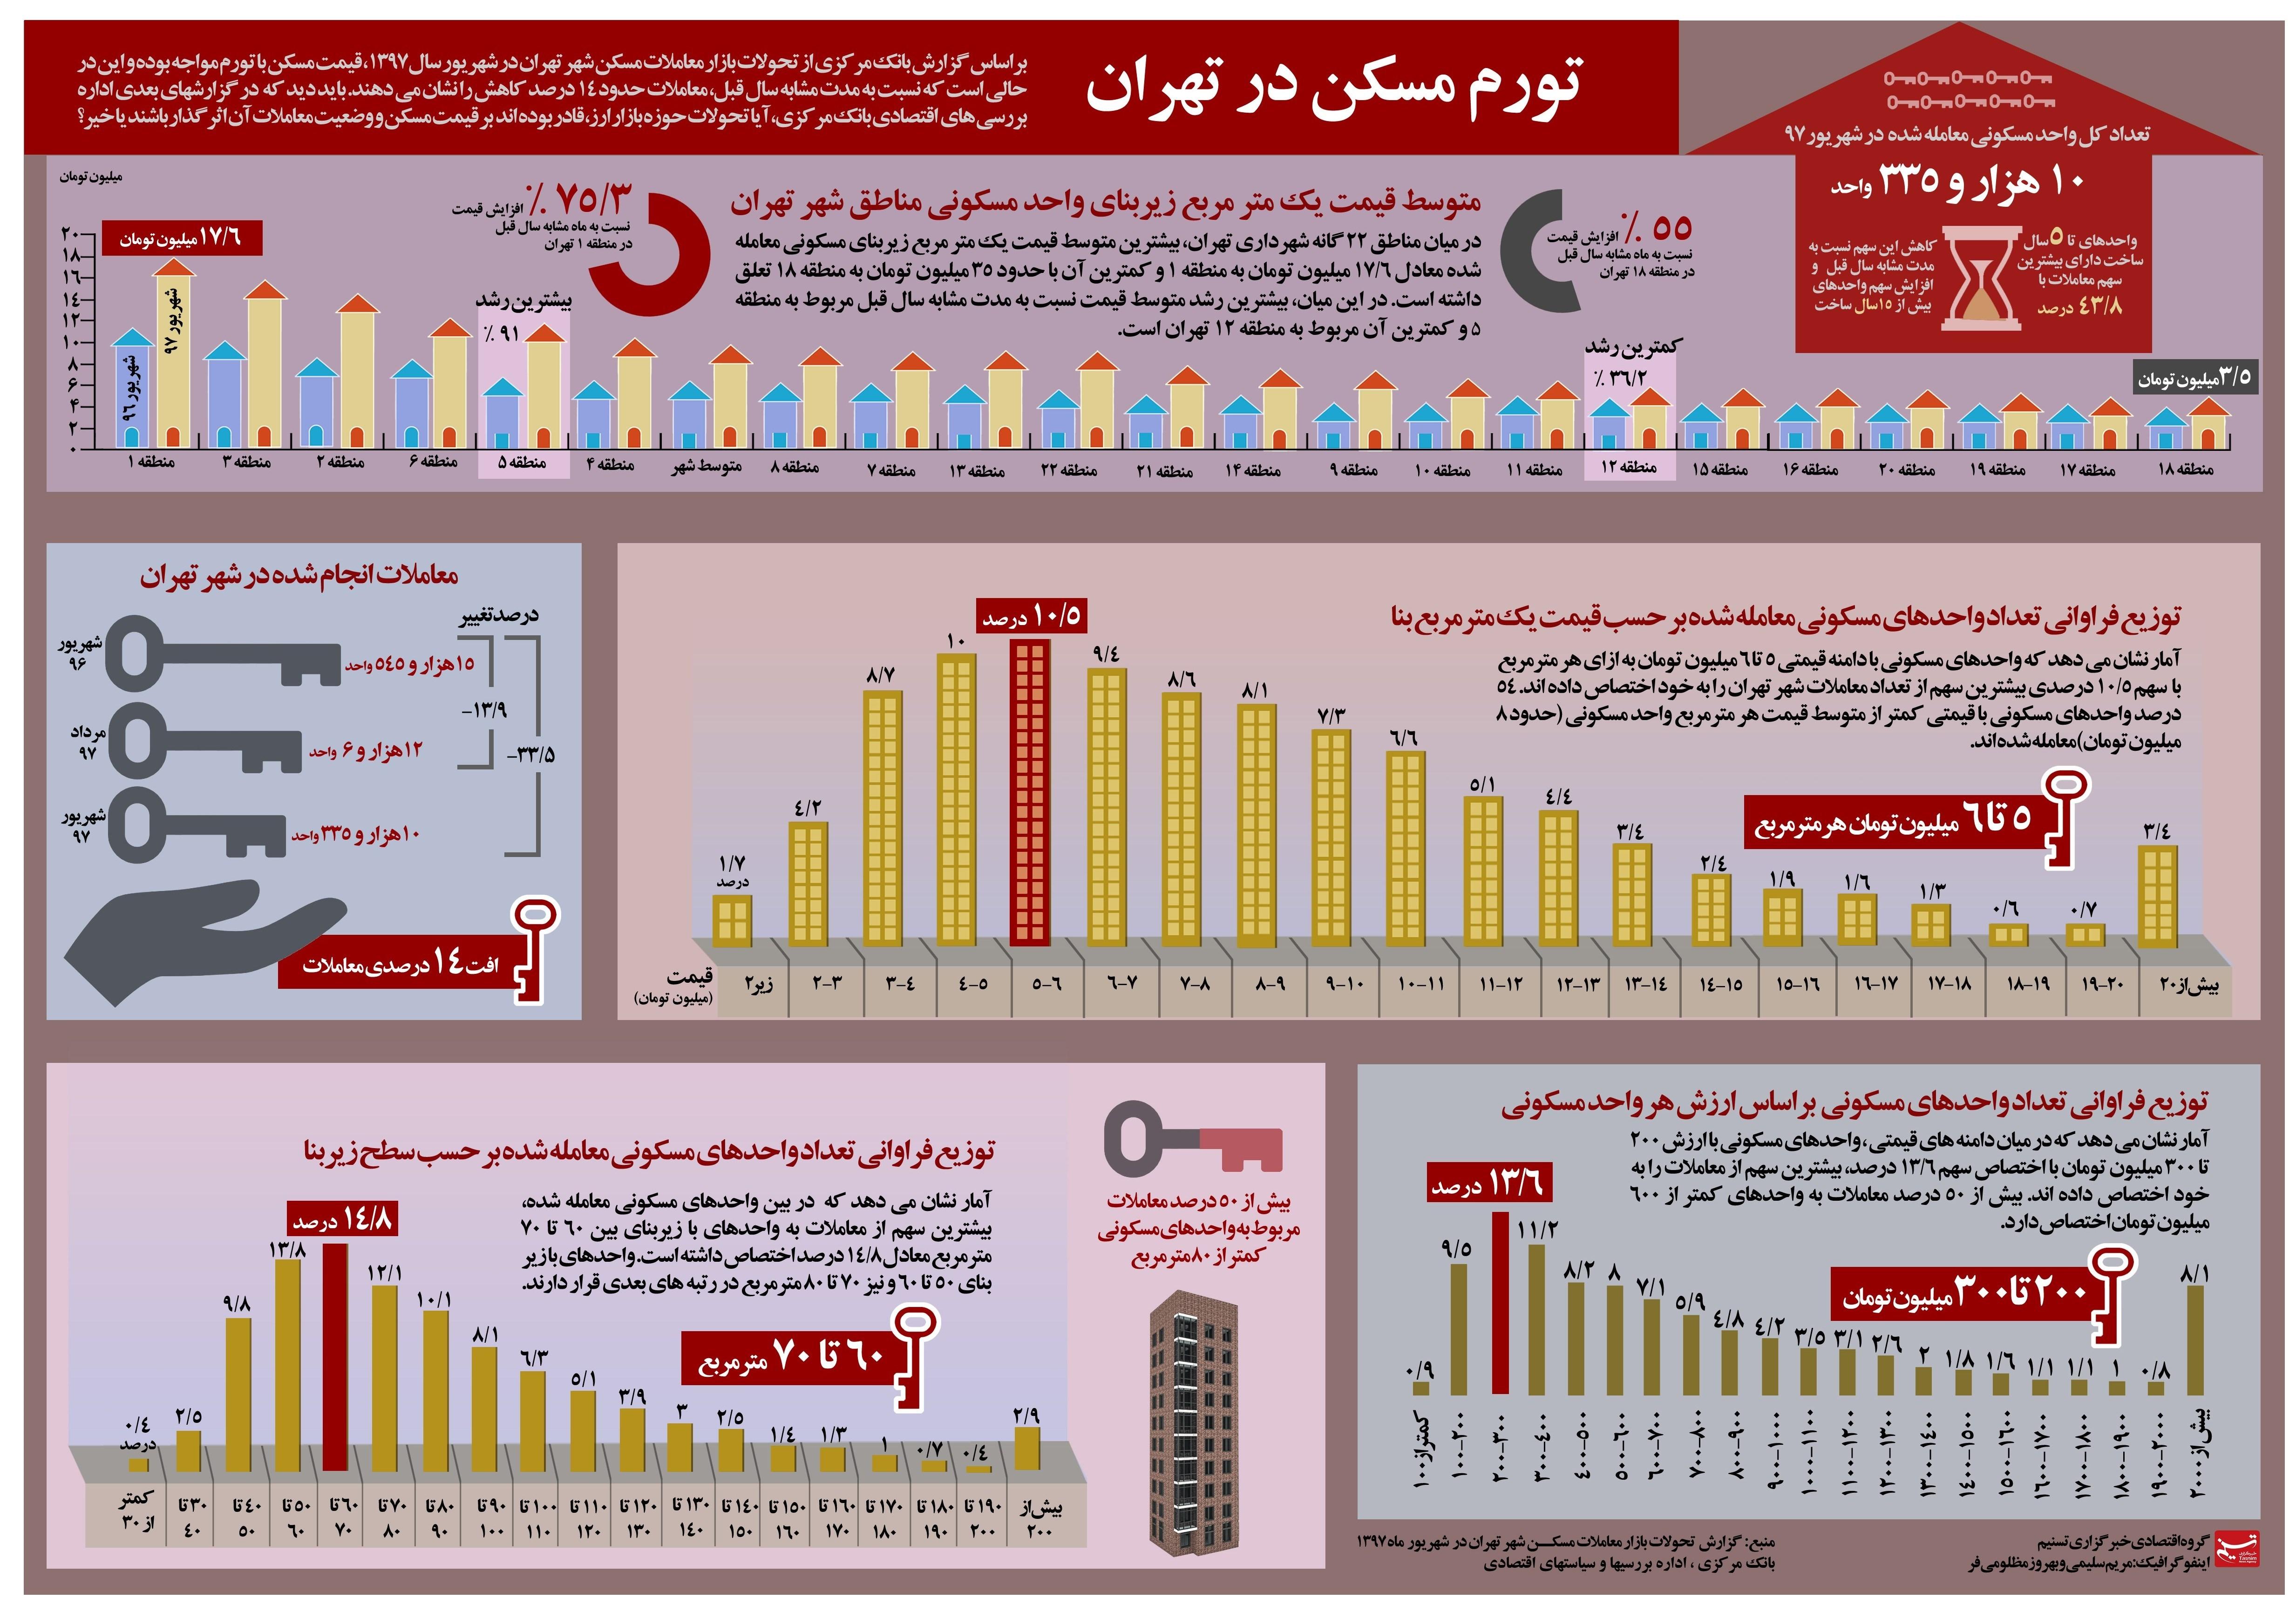 جزئیات معاملات مسکن تهران در شهریور + اینفوگرافیک